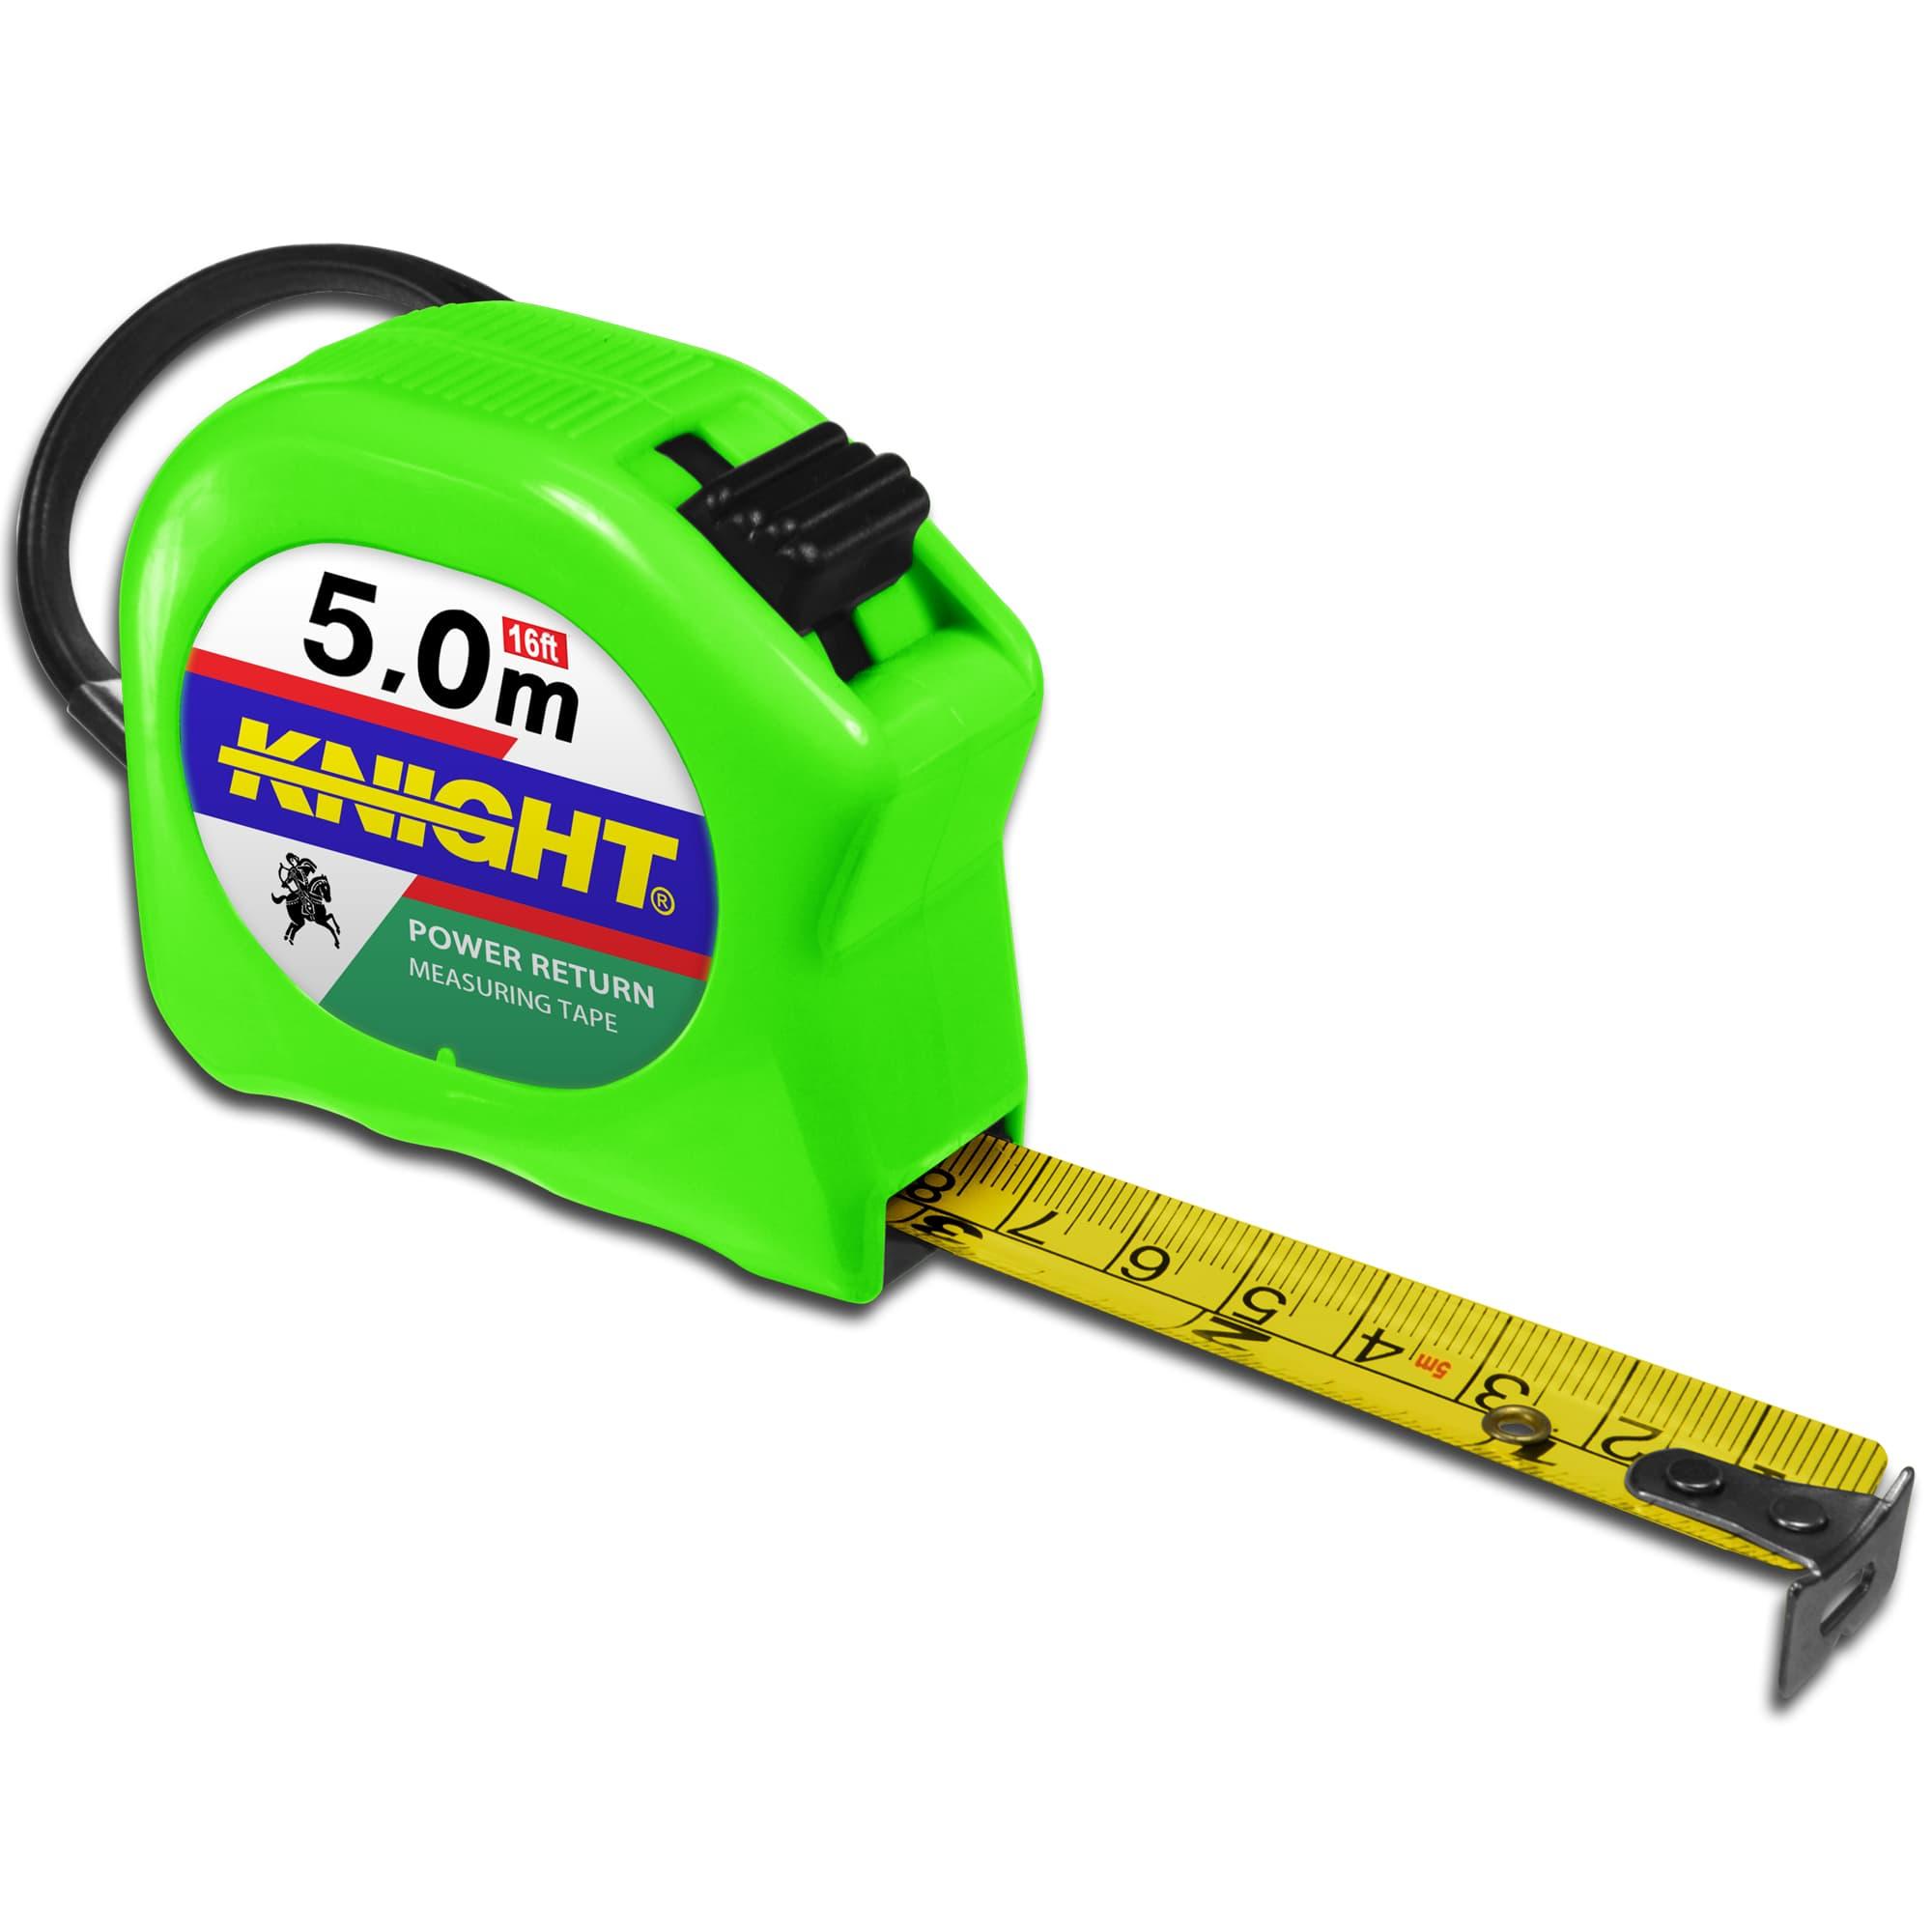 Heavy Duty Measuring Tape Rule